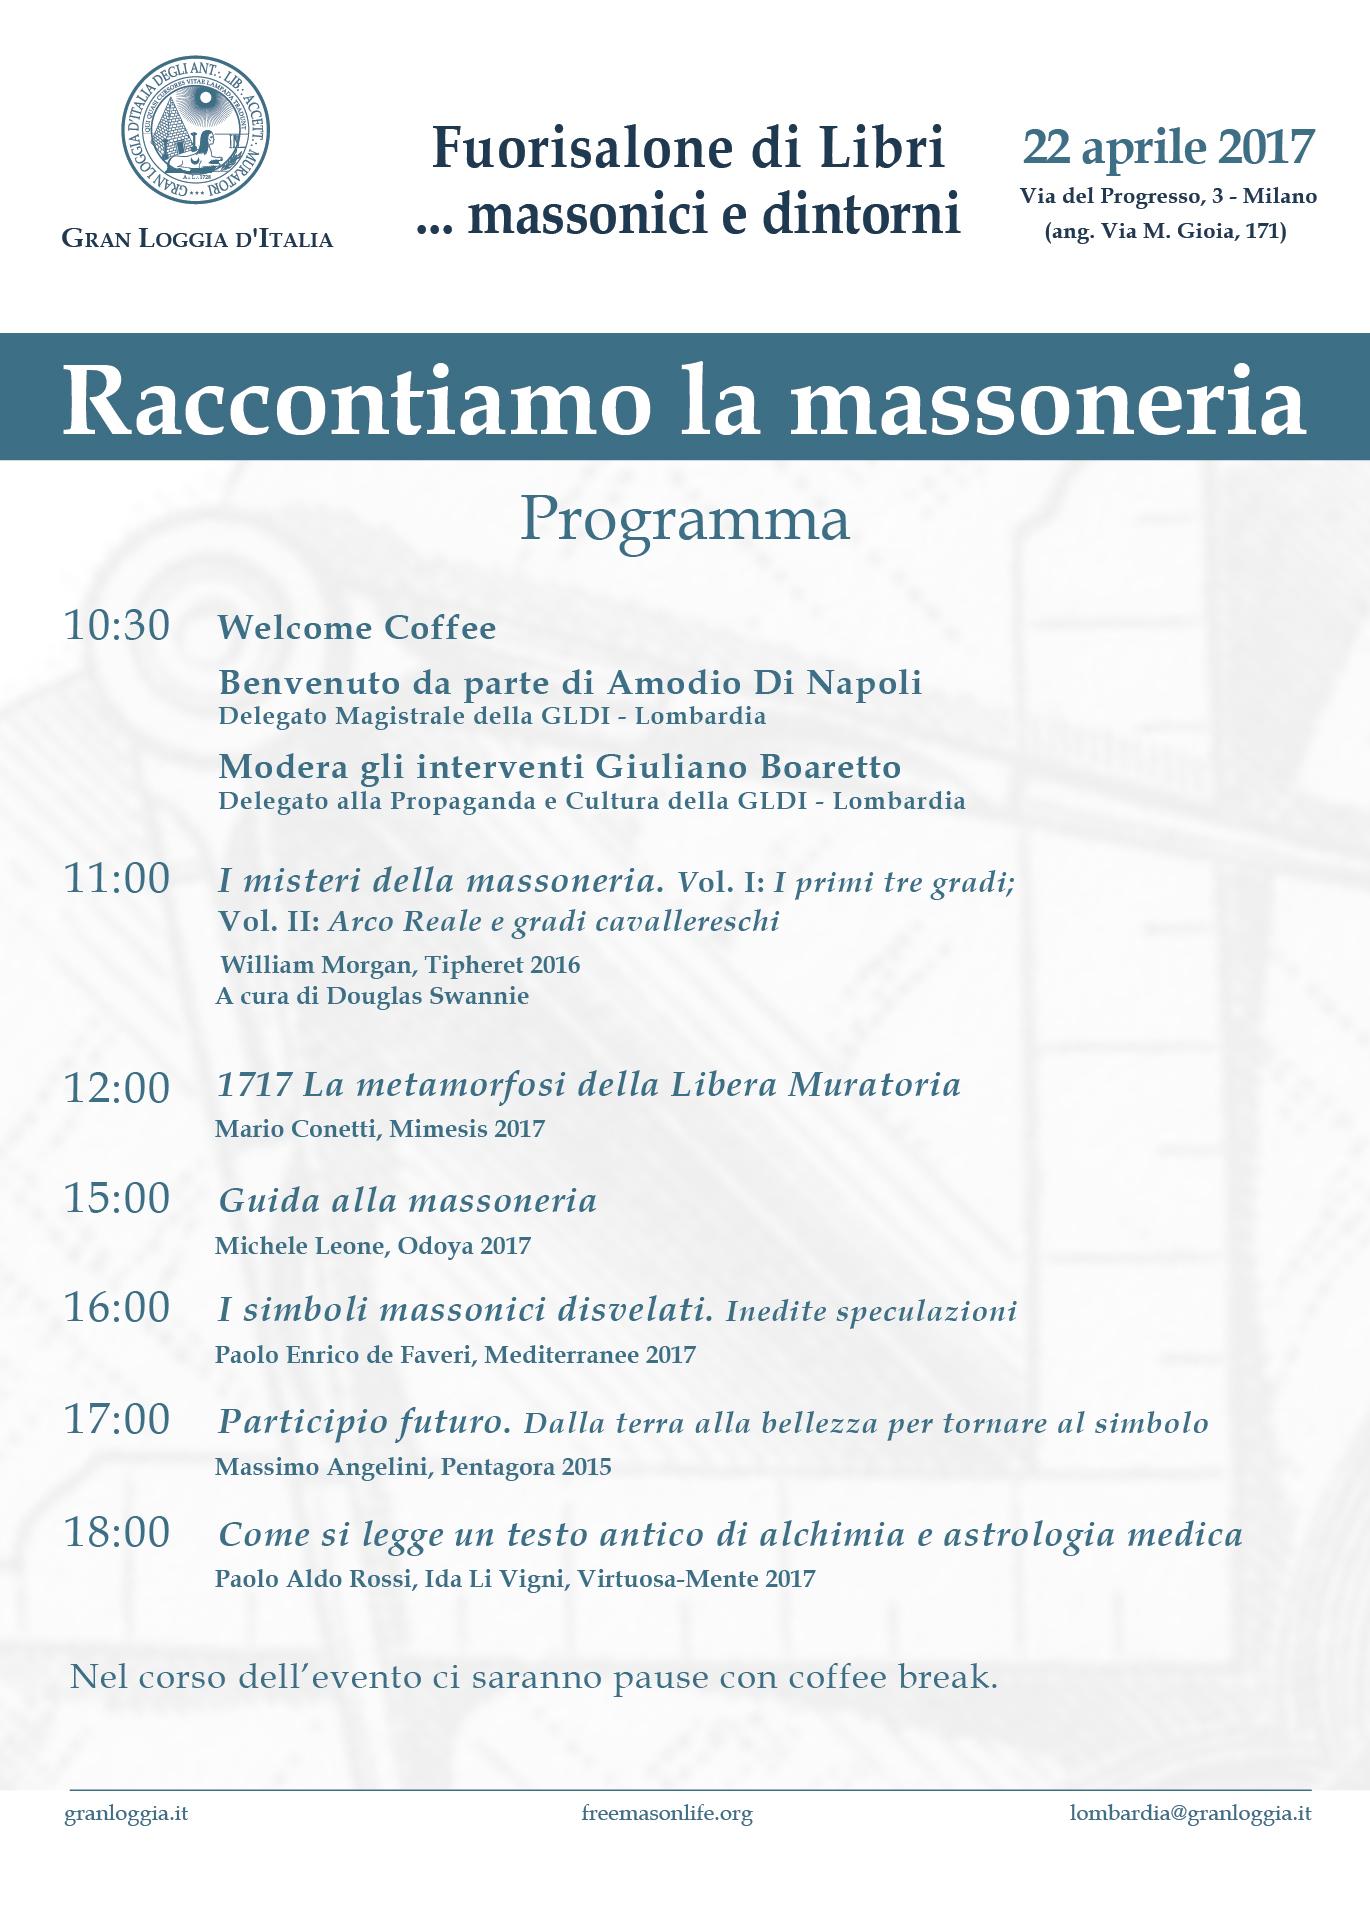 Programma presentazioni